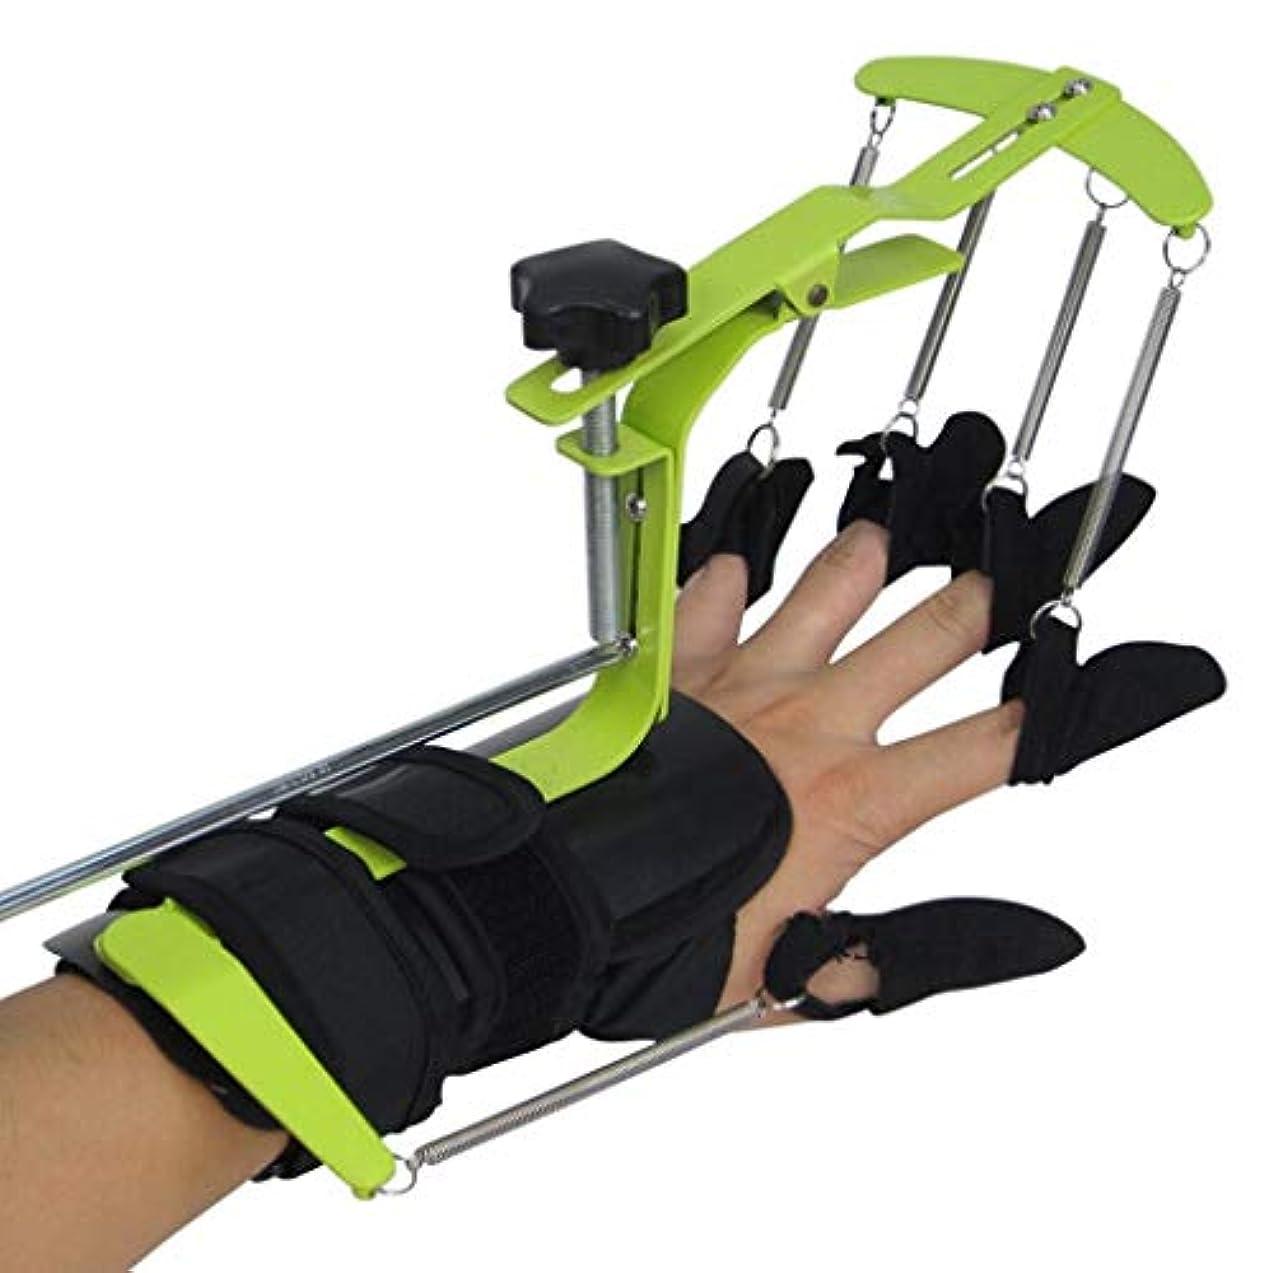 後方水曜日残基調整可能 フィンガー装具 フィンガートレーニング機器 エクサ?クリップ?ボード 片麻痺の脳性麻痺リハビリテーション